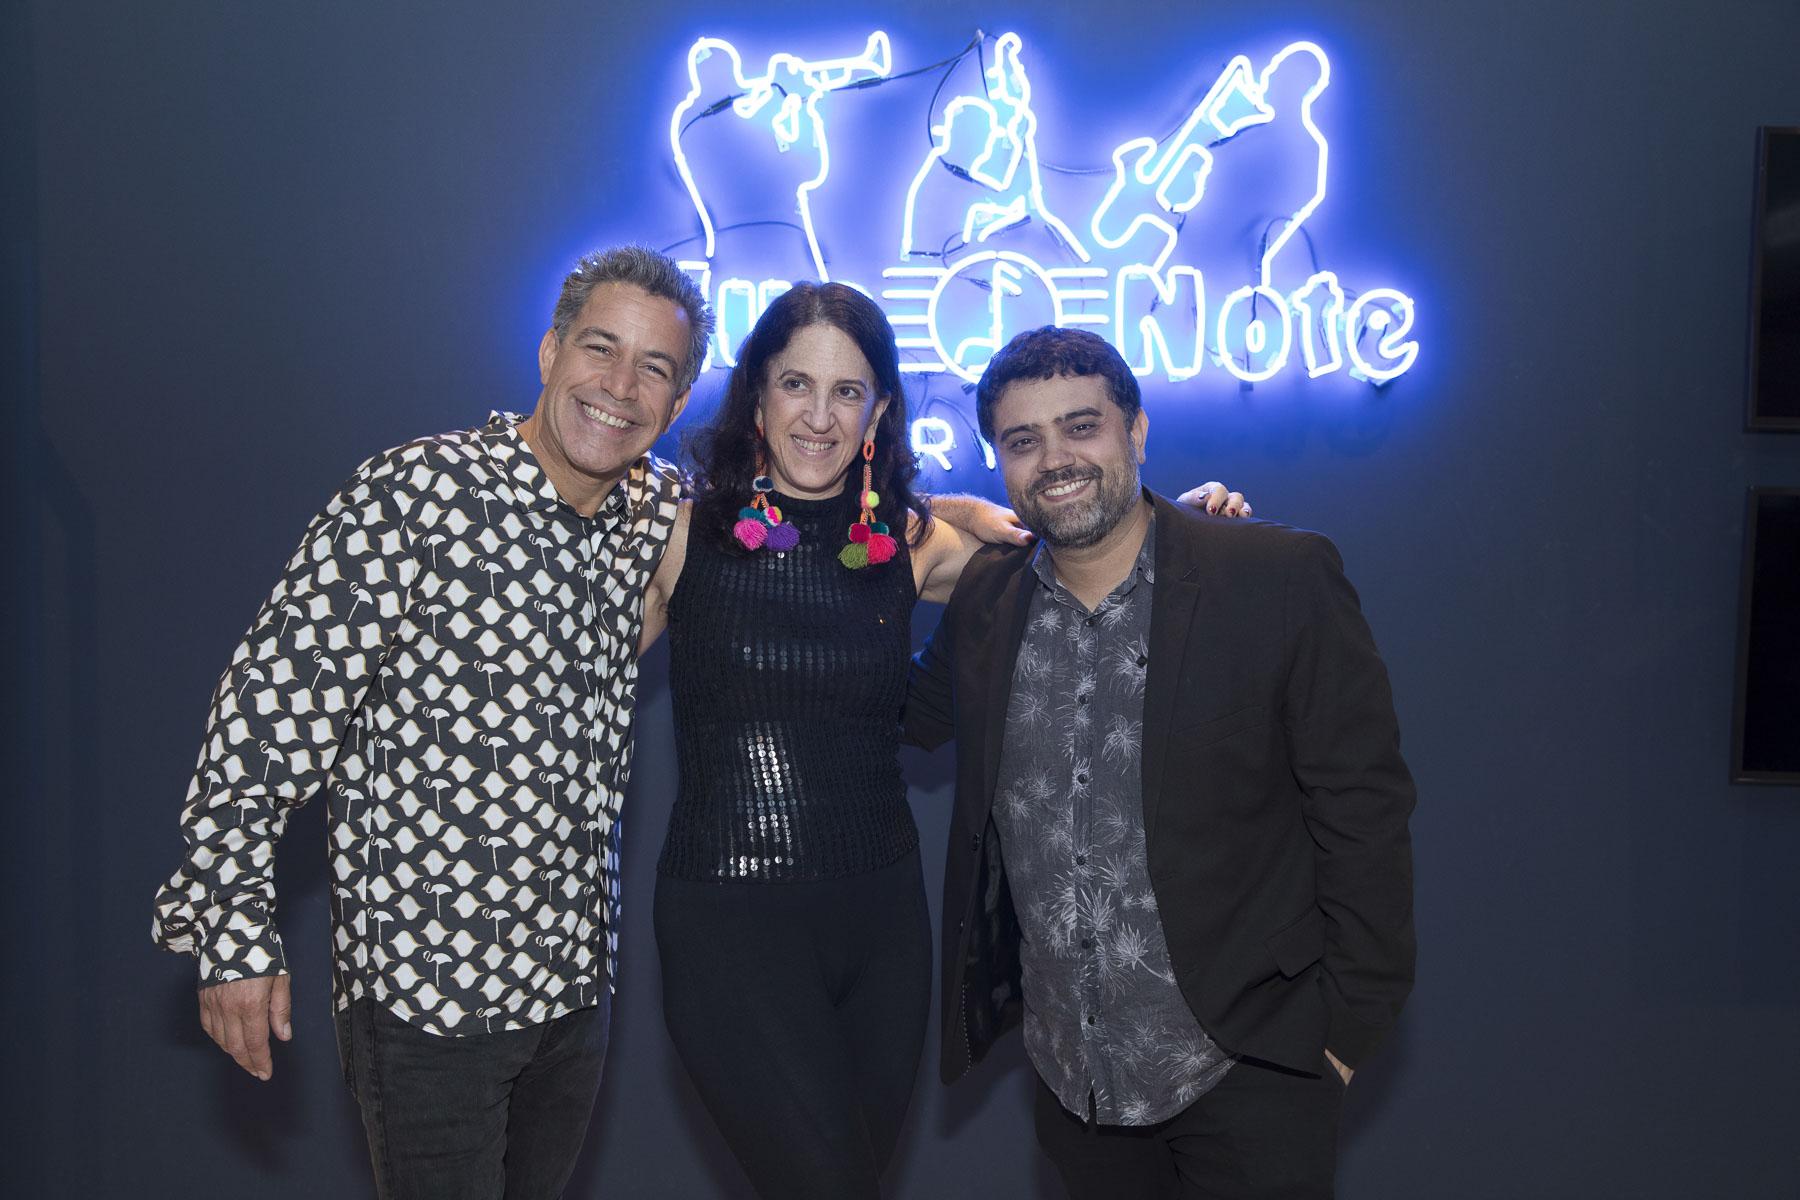 Luis Calainho, Aniela Jordan e Flavio Pinheiro_K9A7445